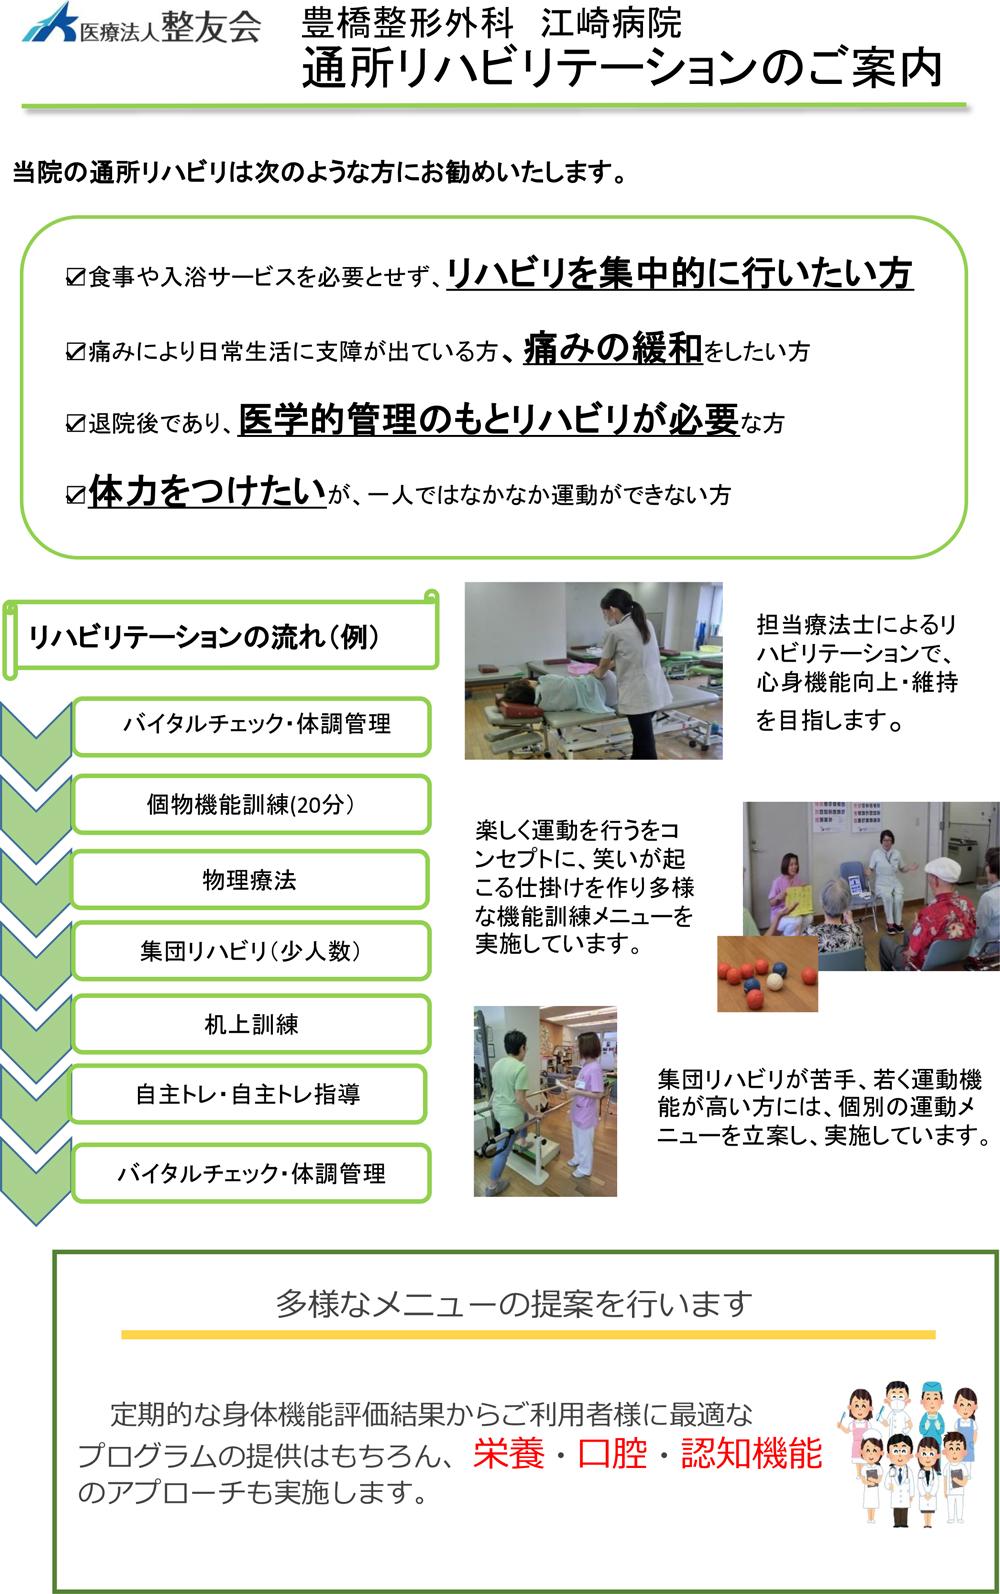 豊橋整形外科 江崎病院・通所リハビリテーションのご案内・1